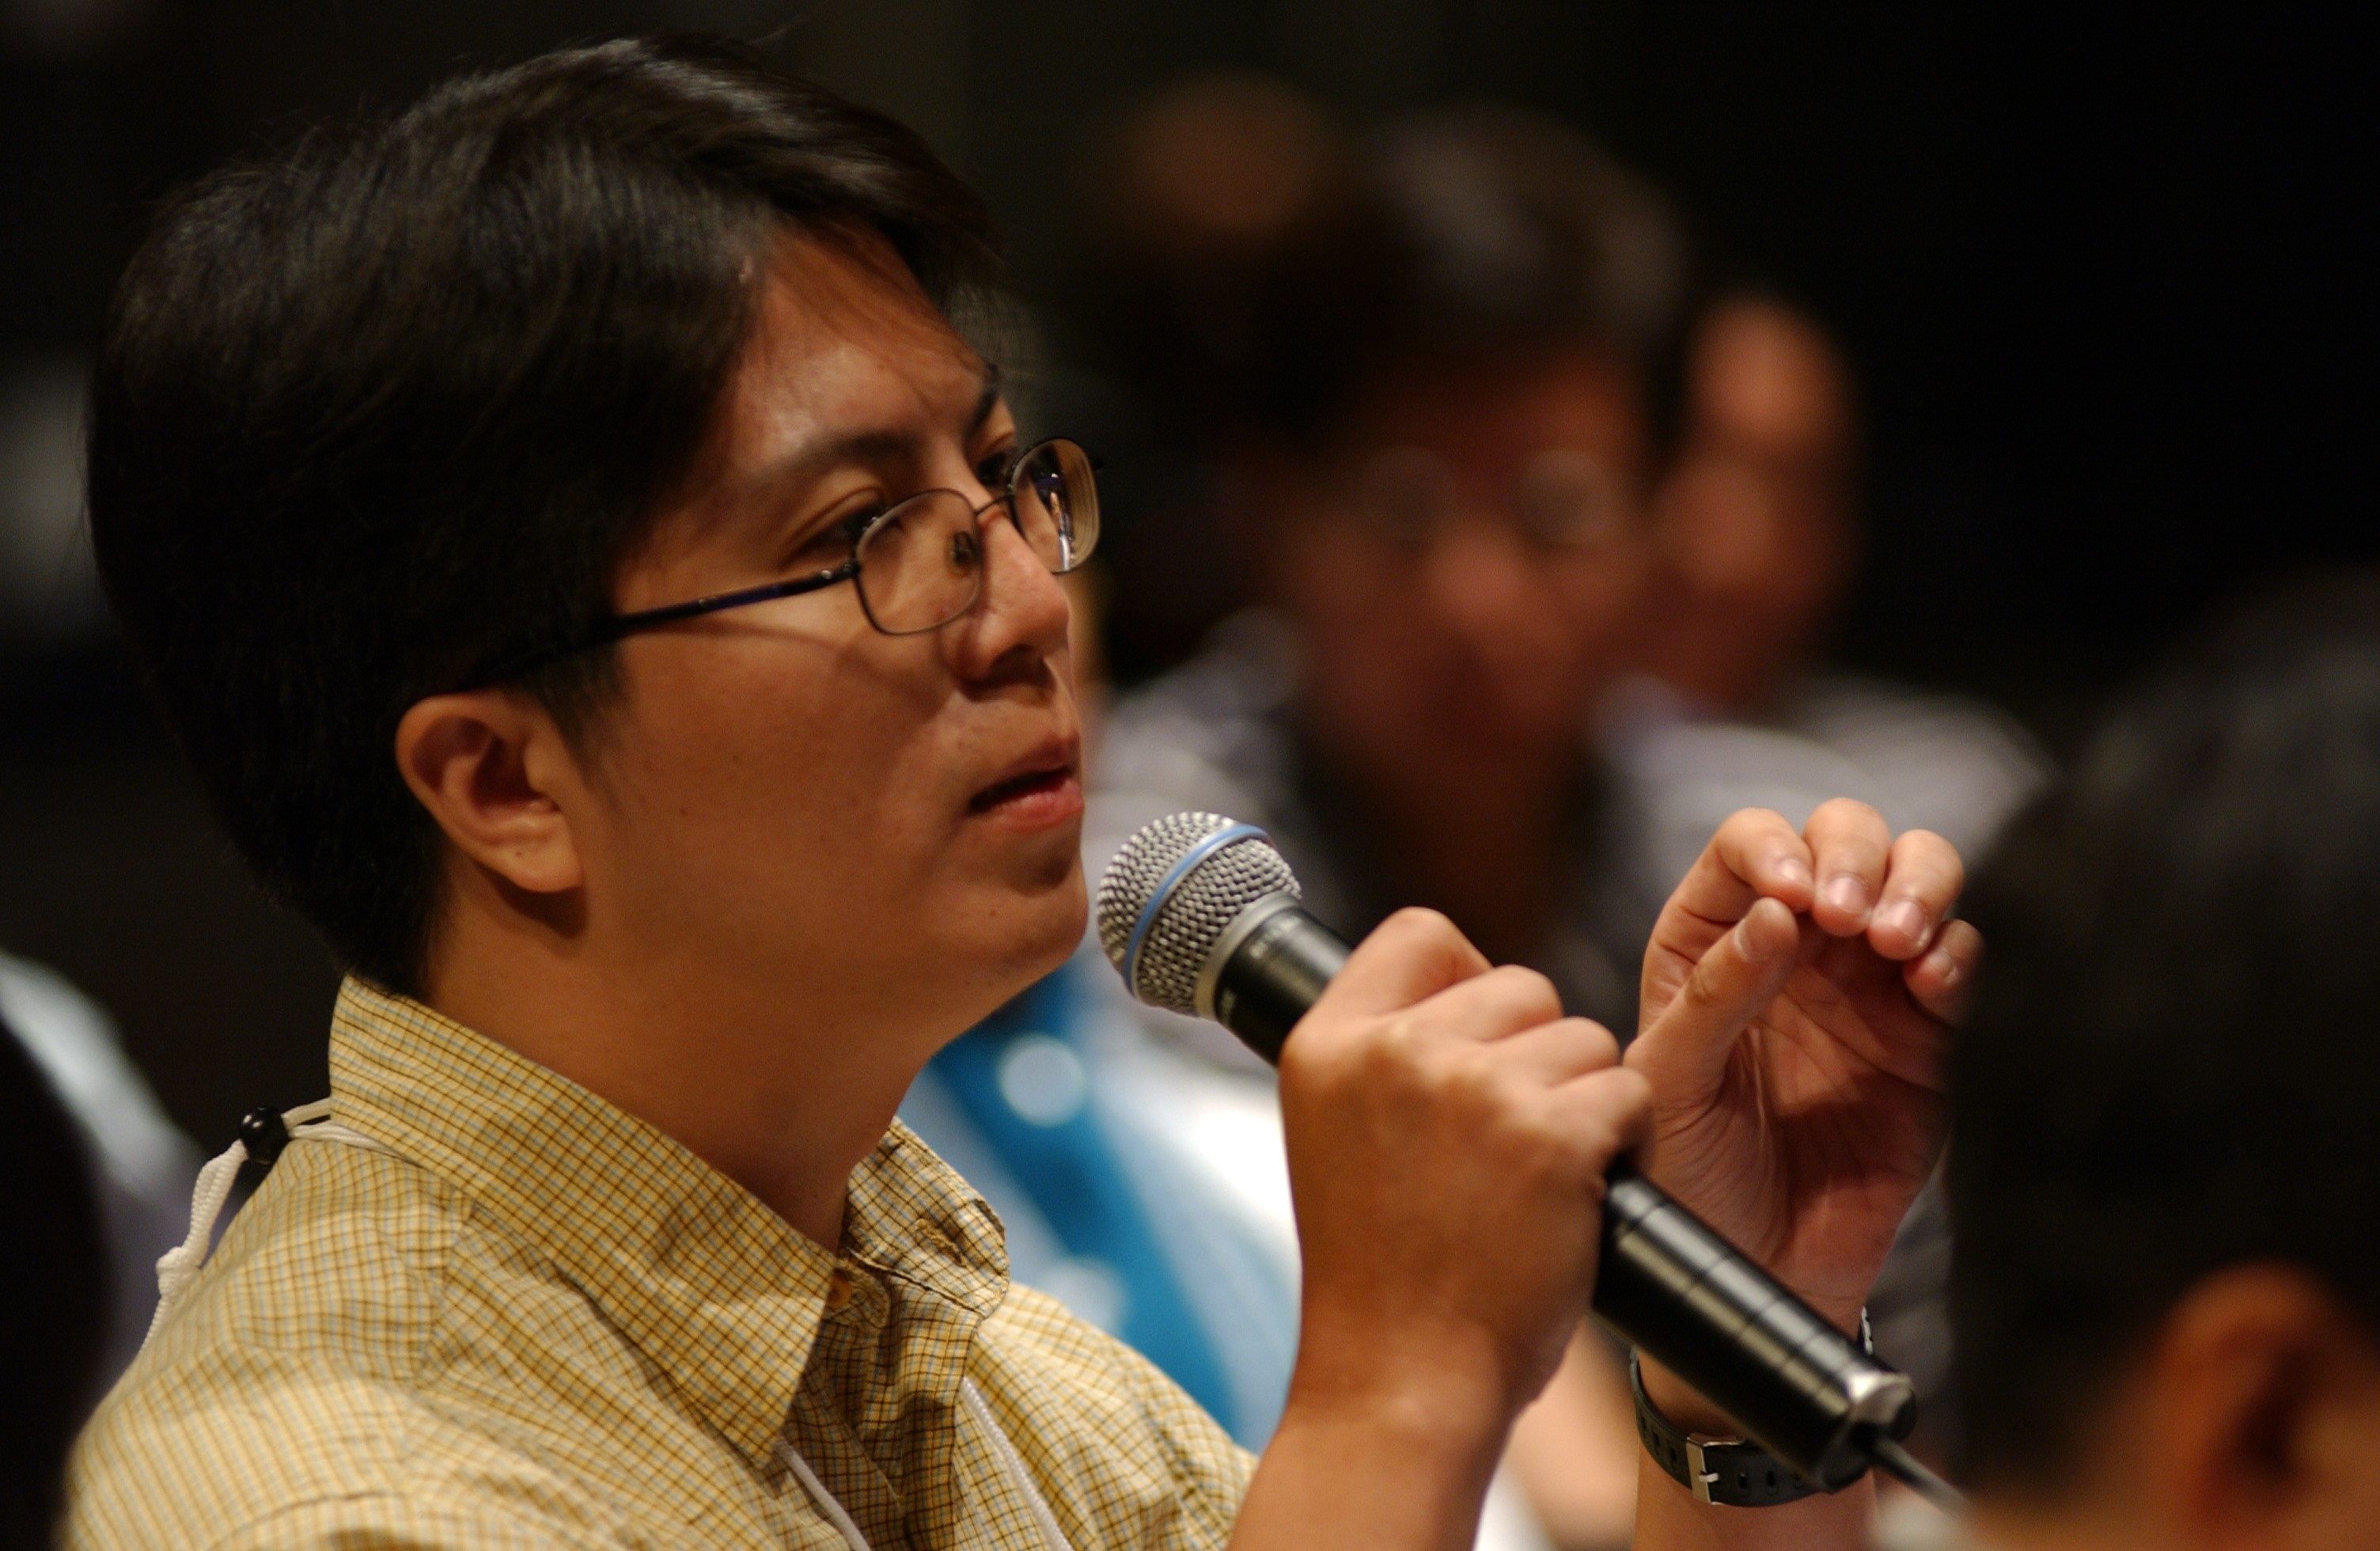 于善祿為台北藝術大學的教授。 圖片來源/于善祿提供